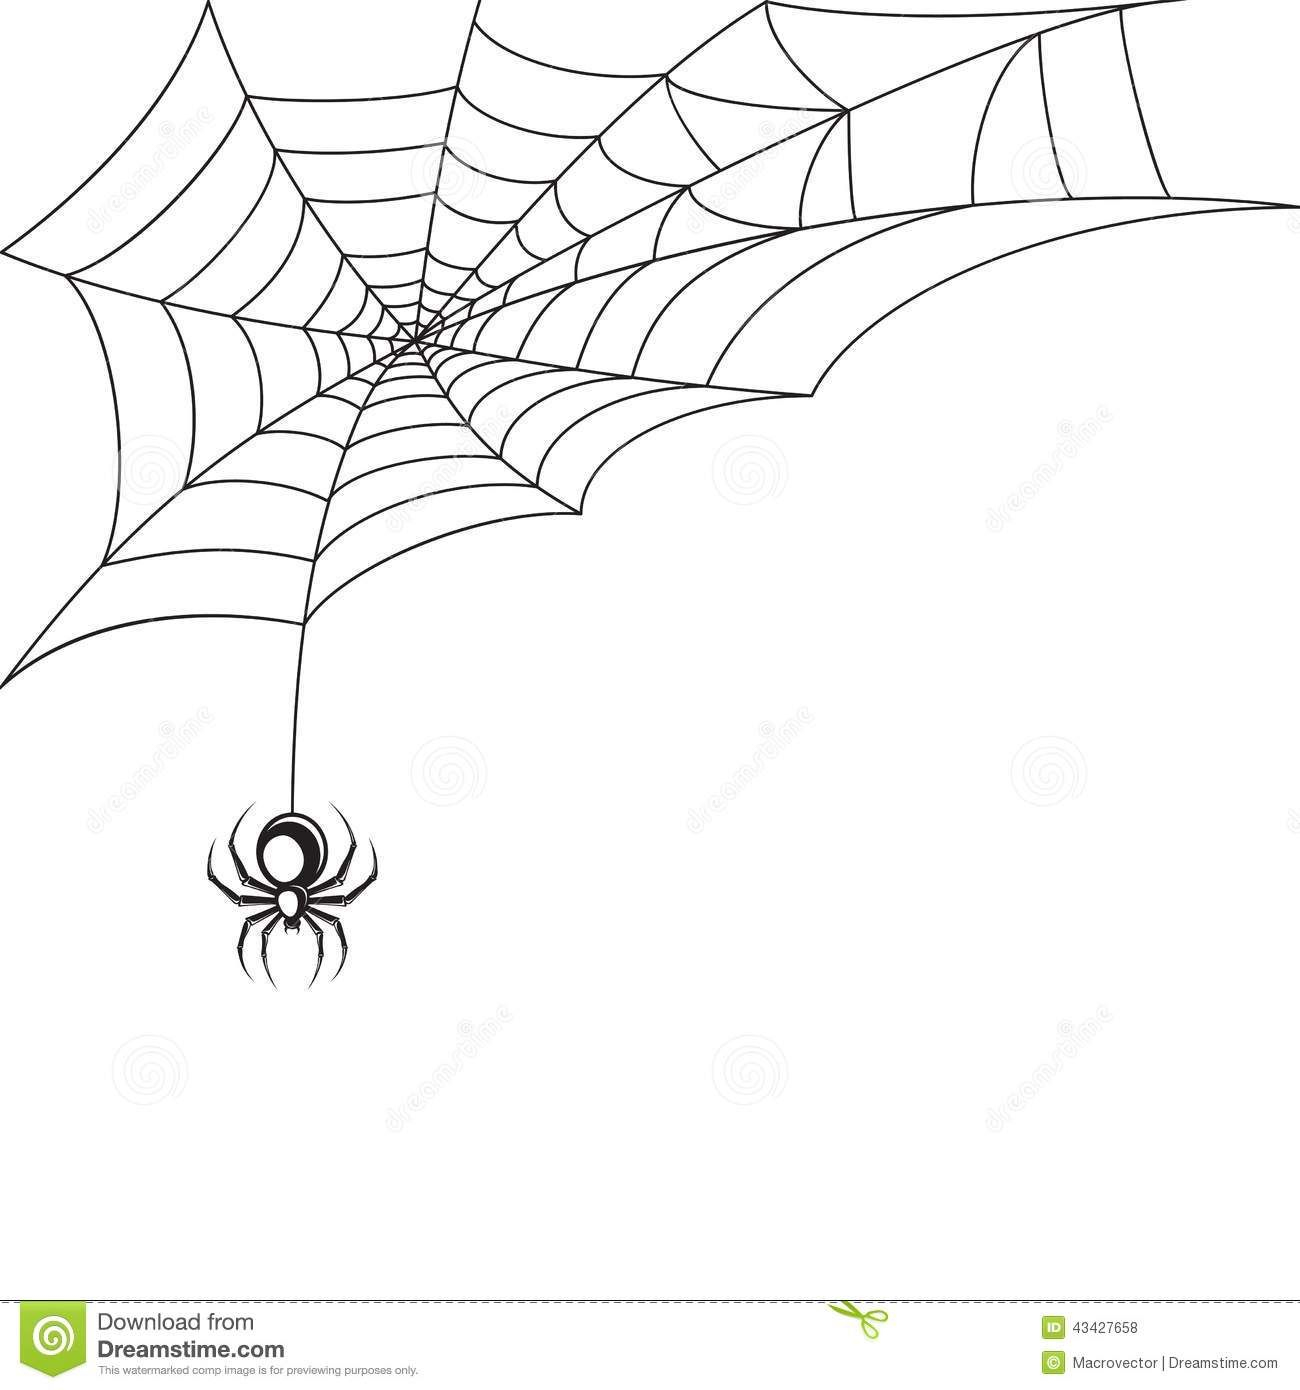 Papier Peint De Toile D'araignée - Télécharger Parmi Plus De avec Toile D Araignée Dessin